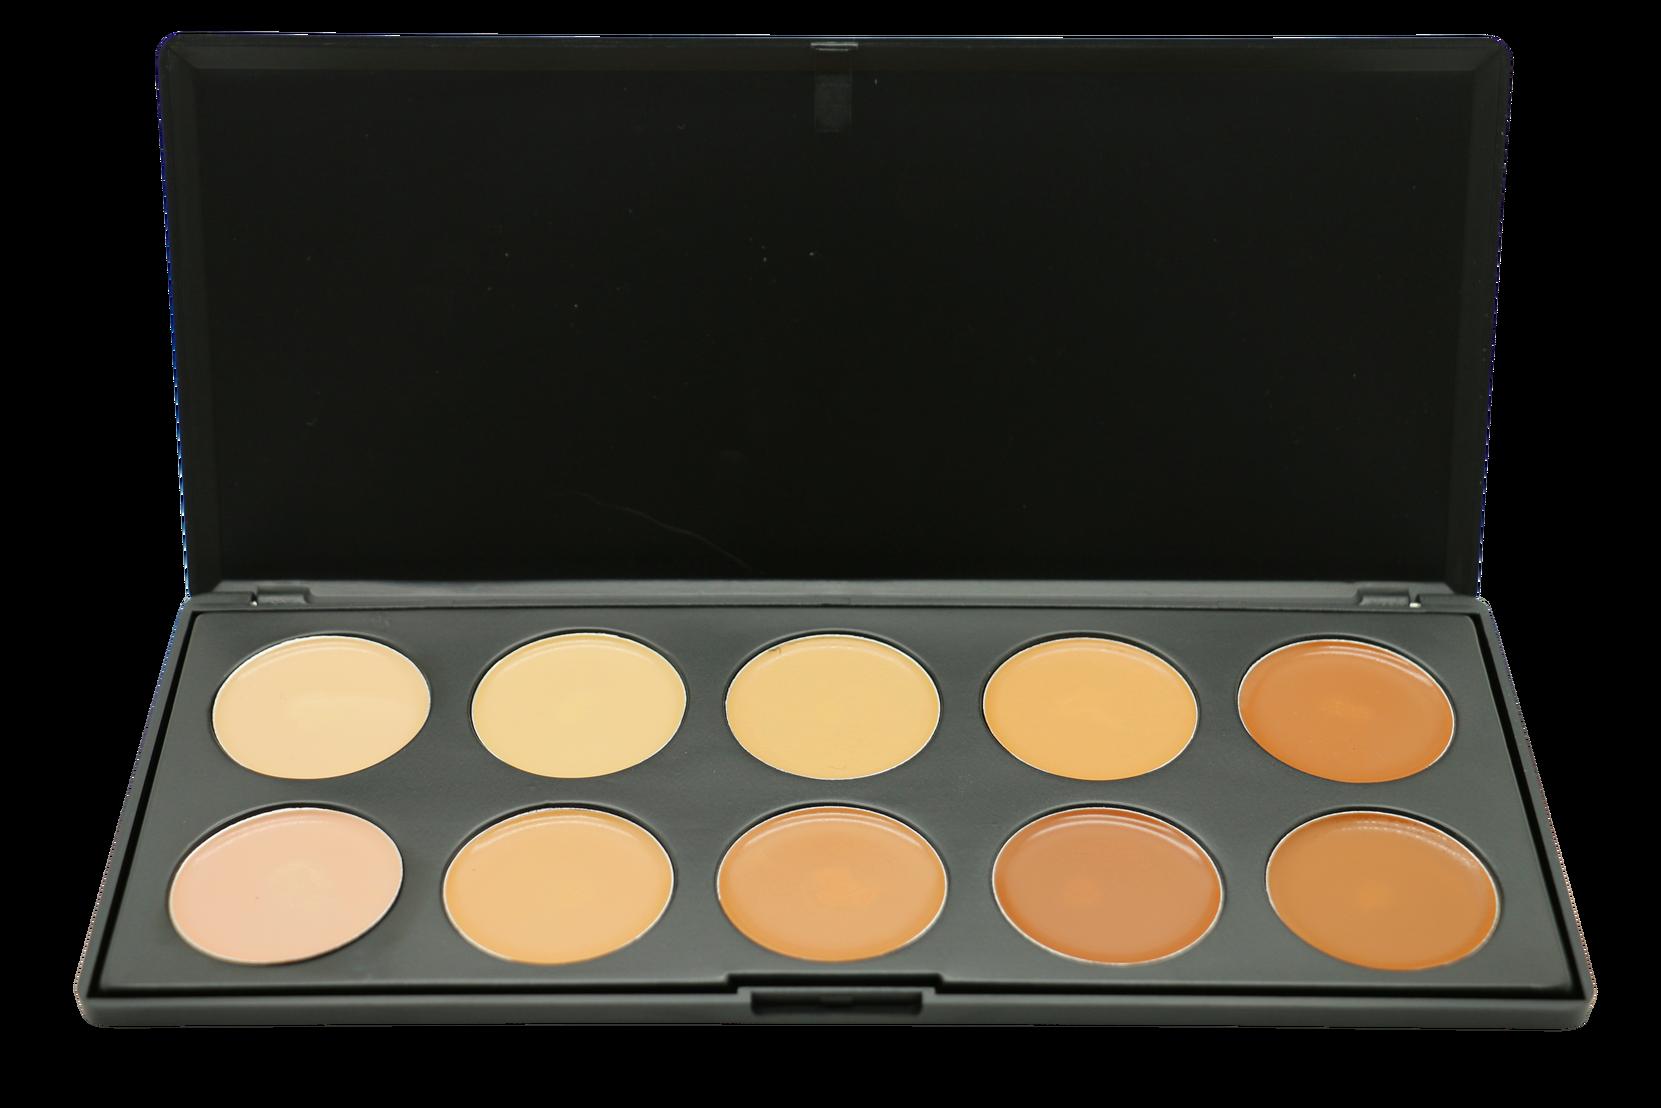 10 Color Concealer Palette 20 g